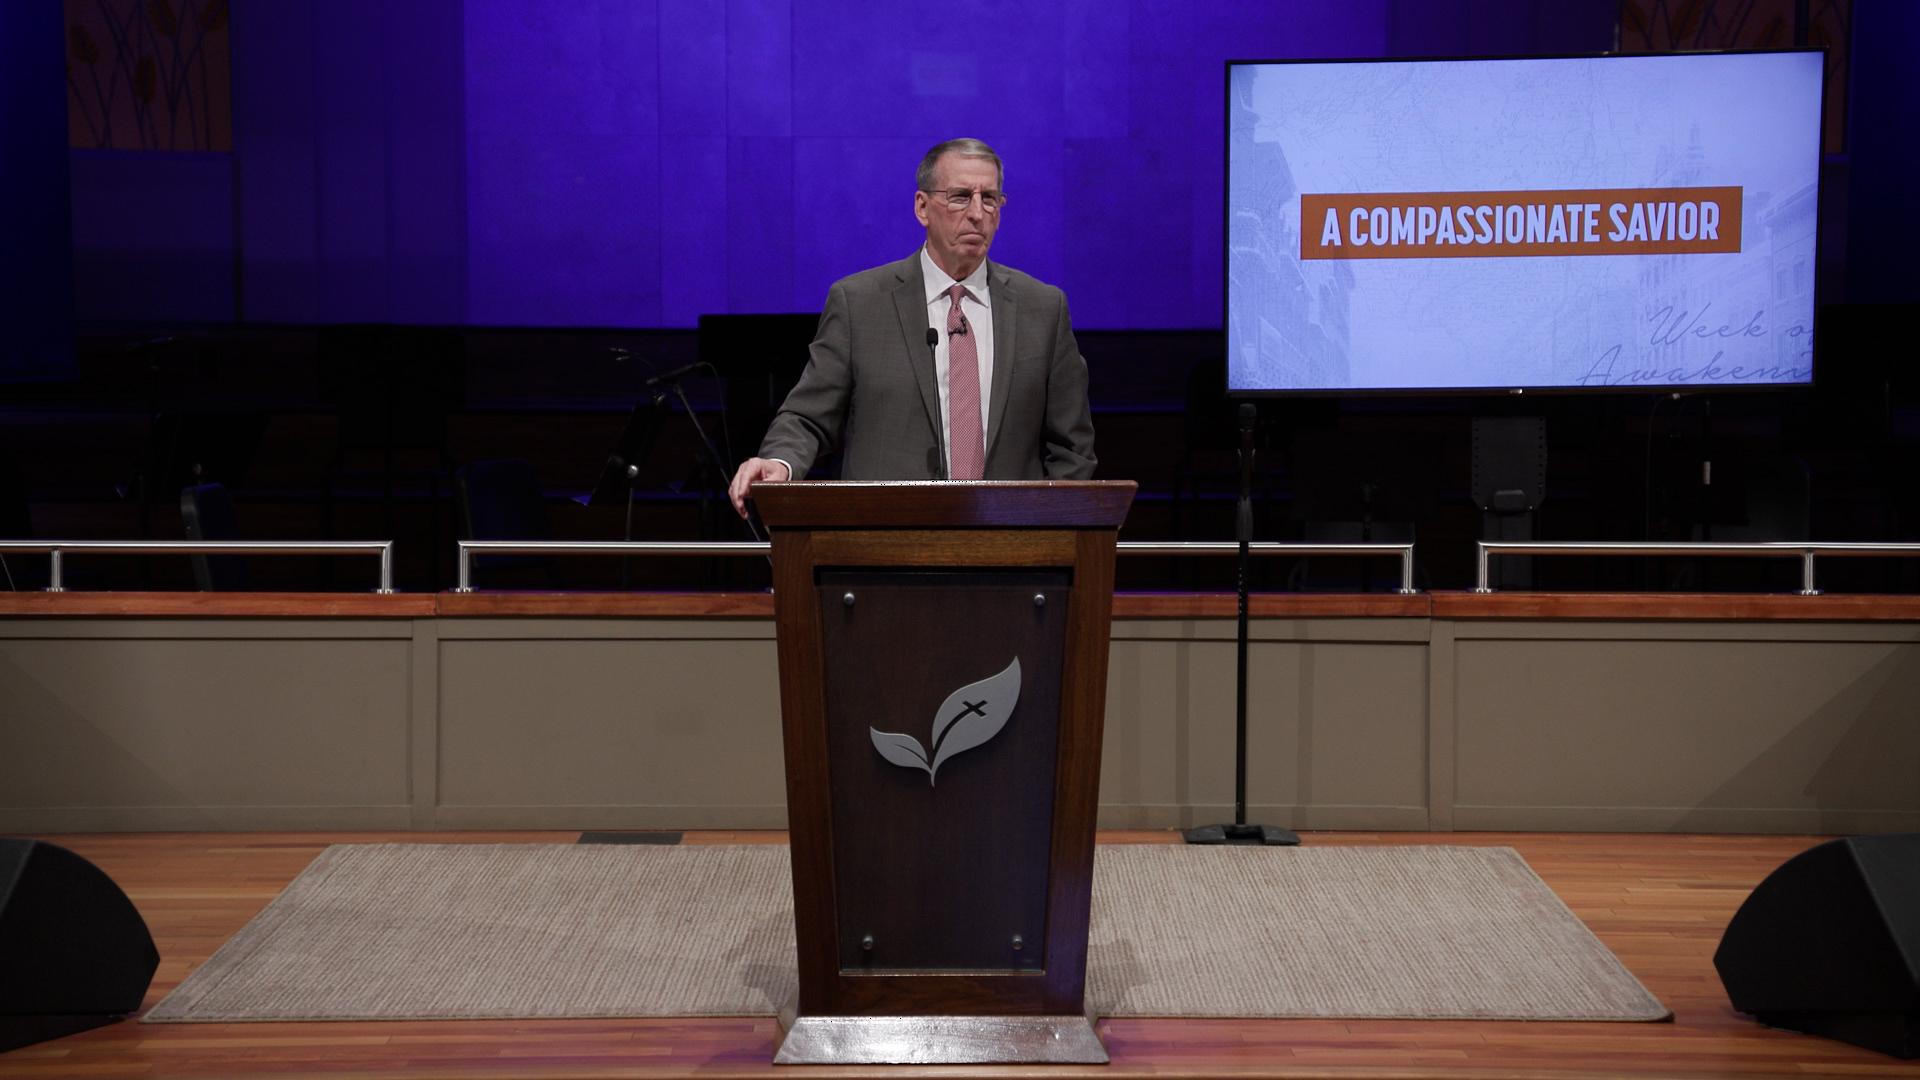 Dr. John Goetsch: A Compassionate Savior